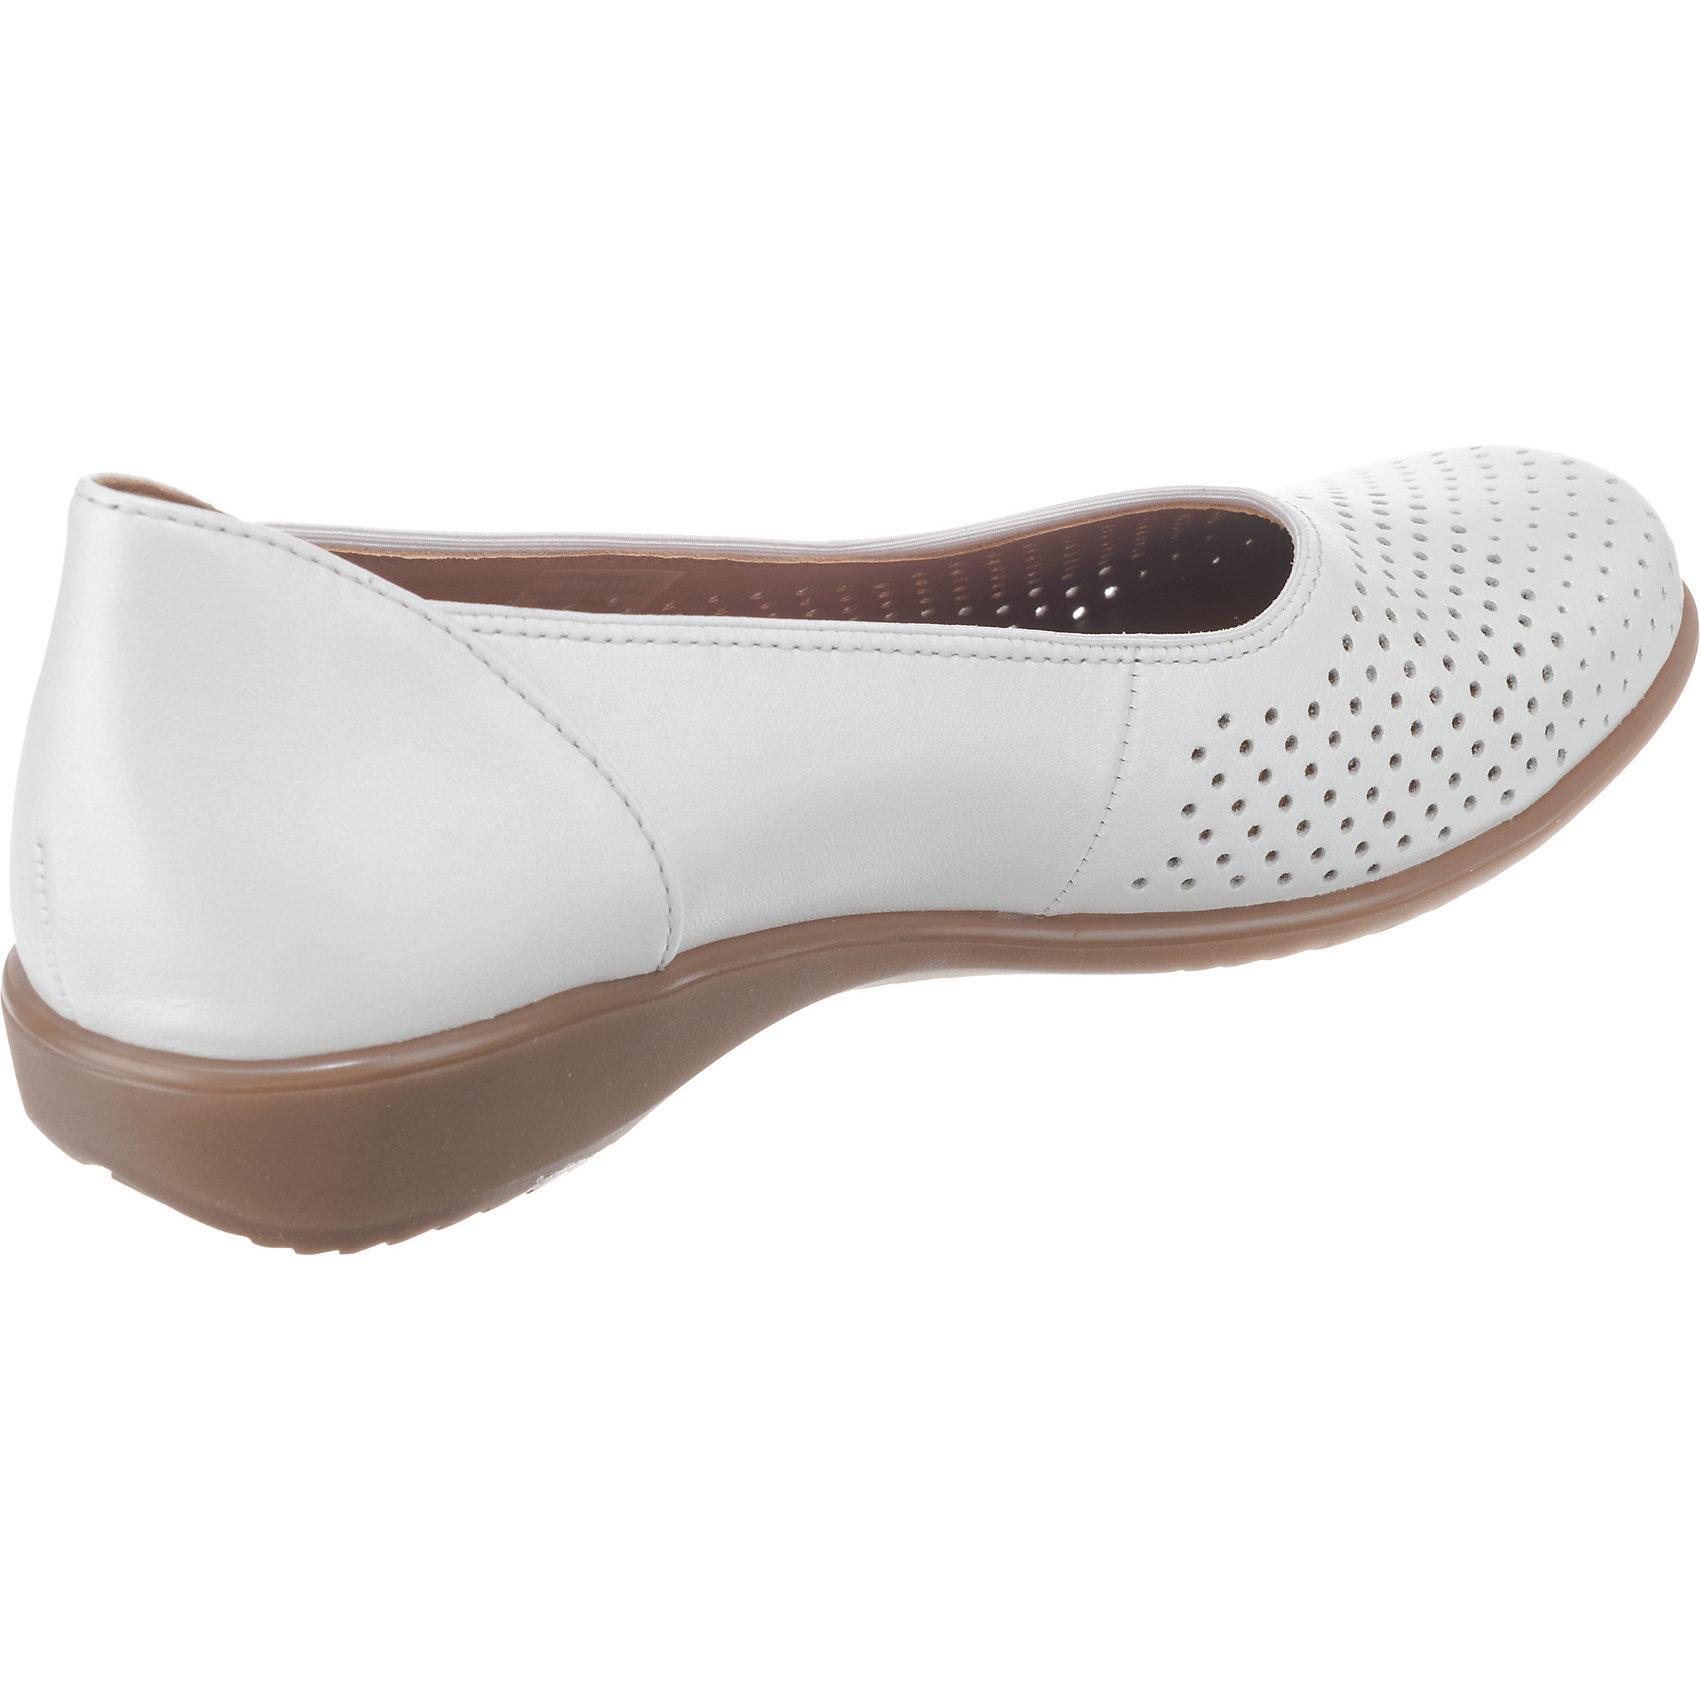 Neu für ara Andros-Tr Komfort-Ballerinas 7208595 für Neu Damen weiß 9304f2